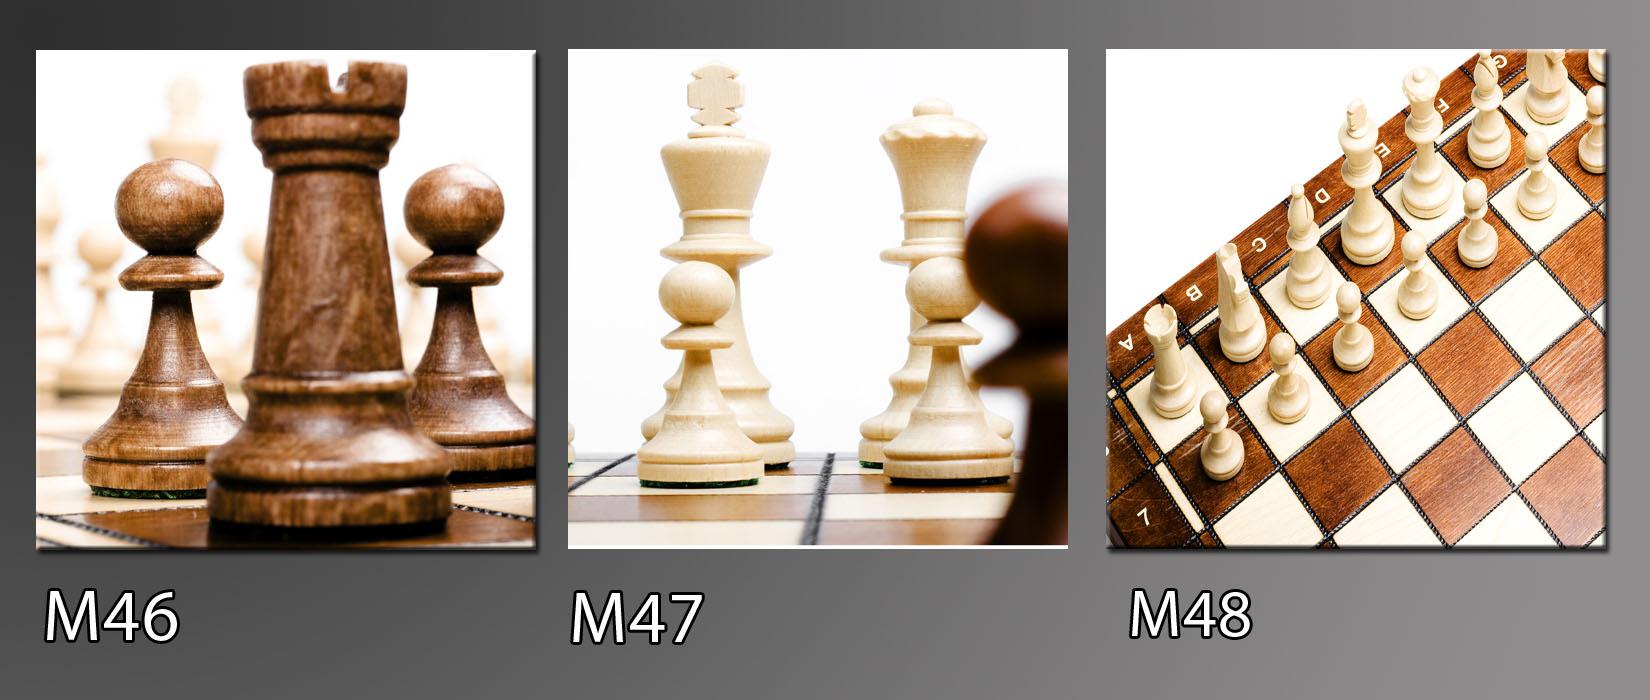 Obraz do bytu šachy